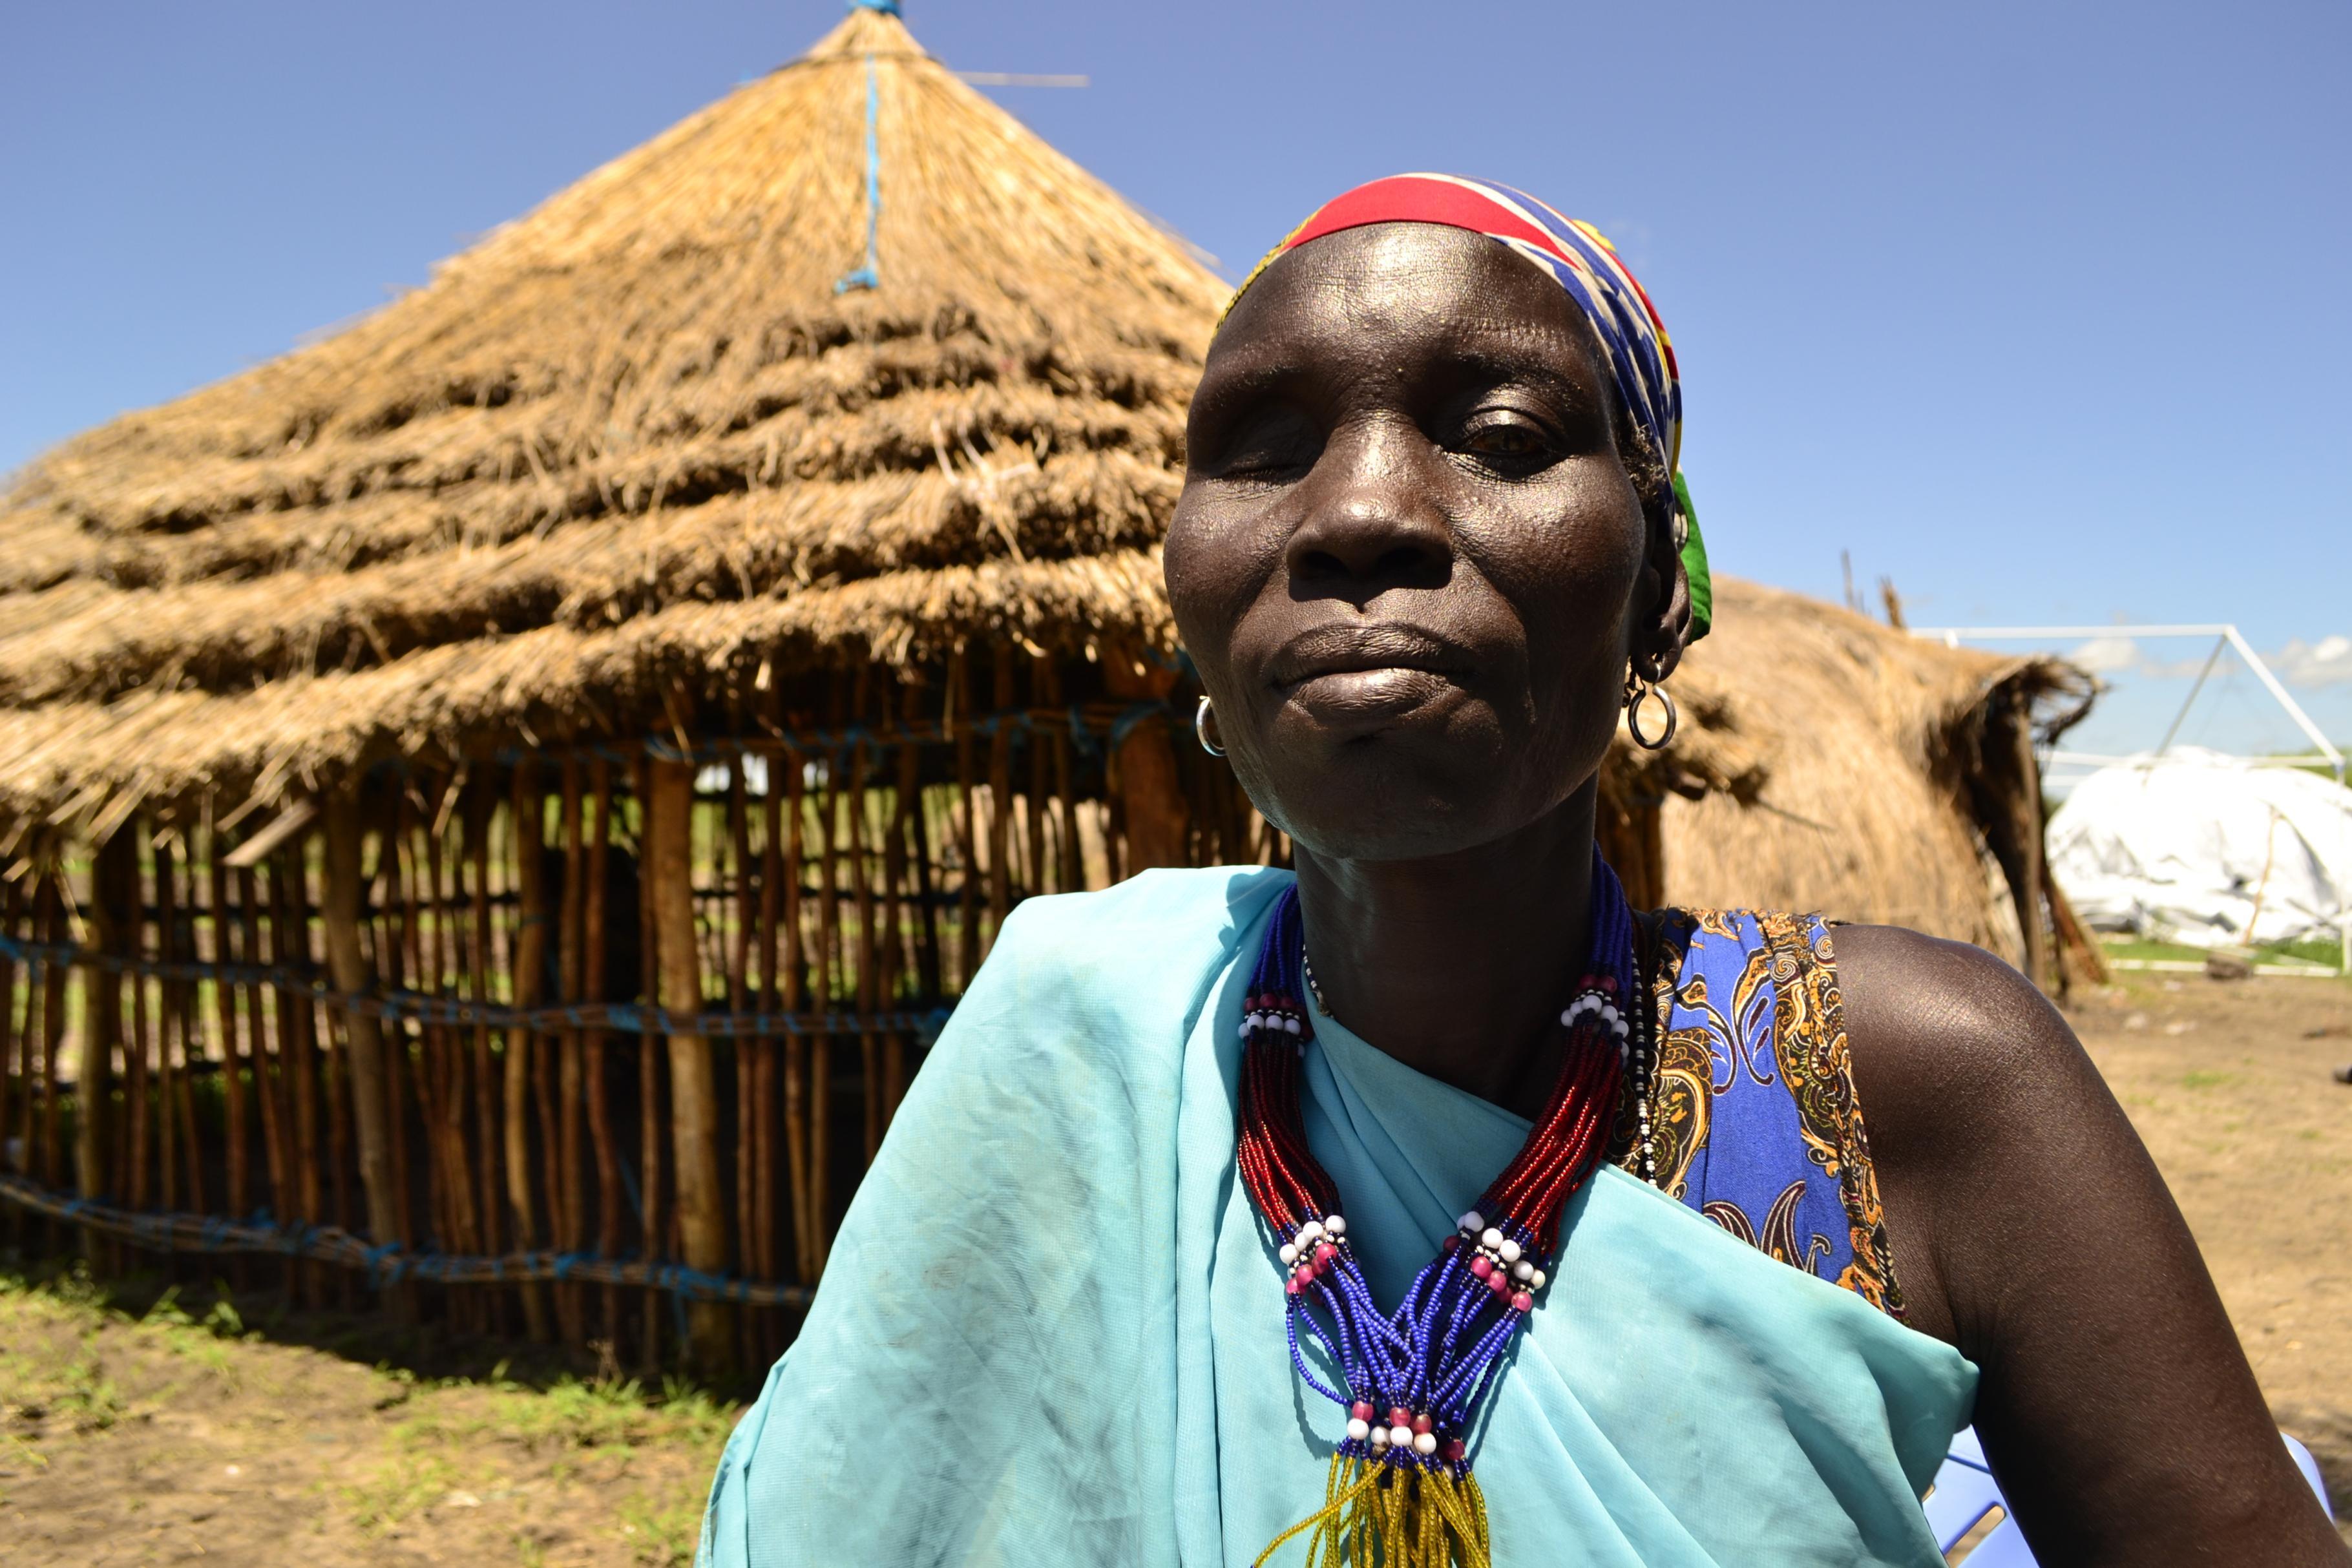 Gogol aus dem Südsudan